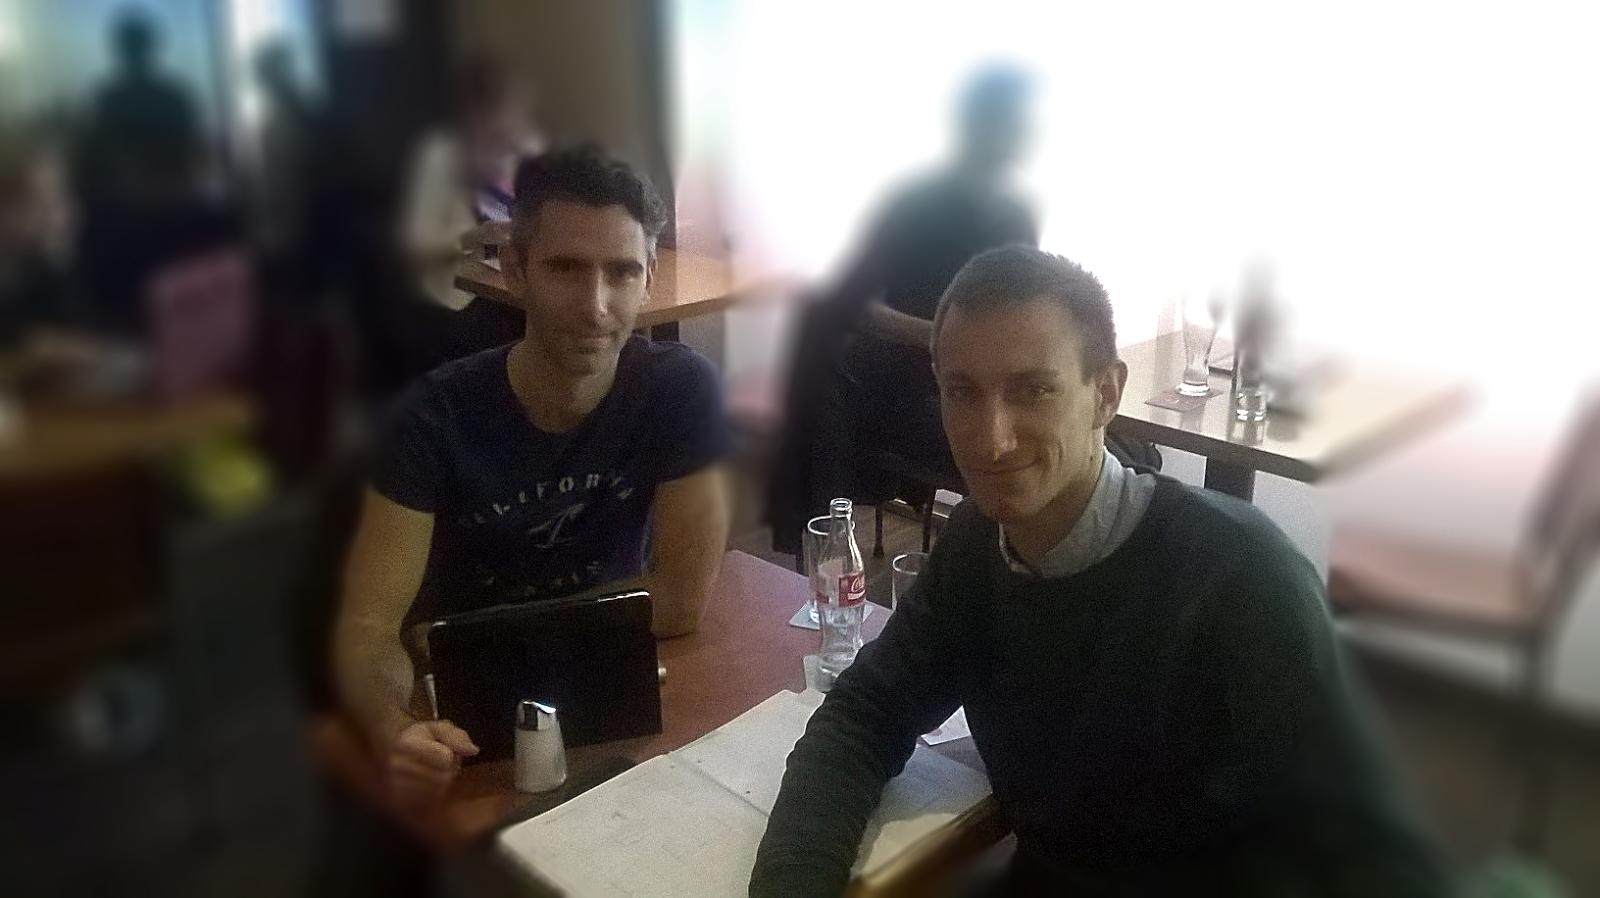 Organisationsassistent Patrick und Projektleiter Lars beim Sponsoringpakettreffen im Café Quadro